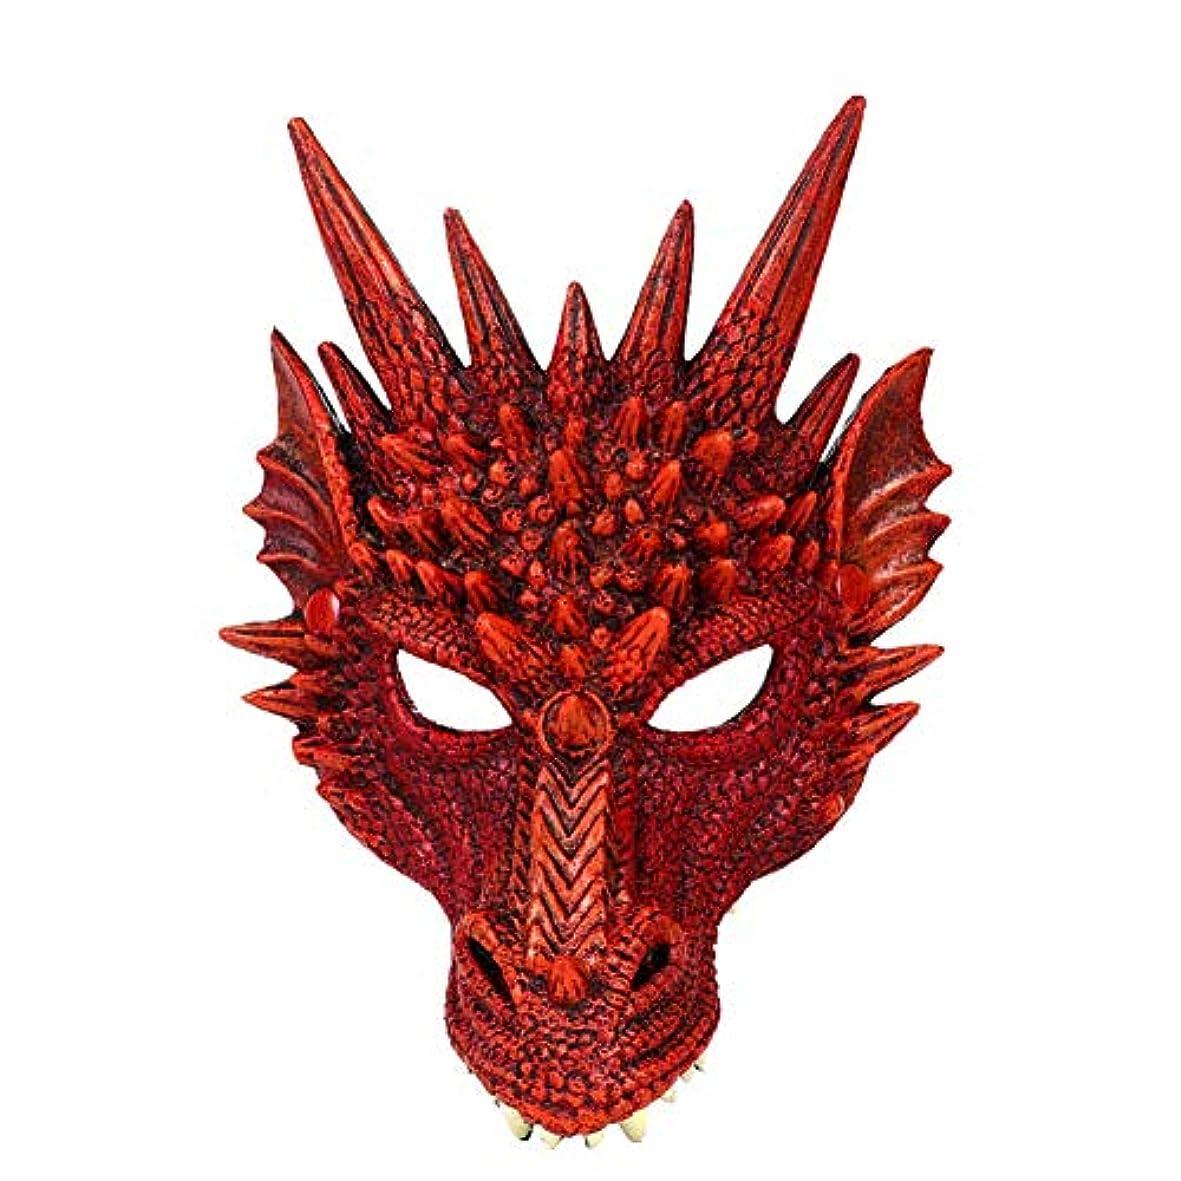 慈悲深い酸っぱい海上Esolom 4Dドラゴンマスク ハーフマスク 10代の子供のためのハロウィンコスチューム パーティーの装飾 テーマパーティー用品 ドラゴンコスプレ小道具